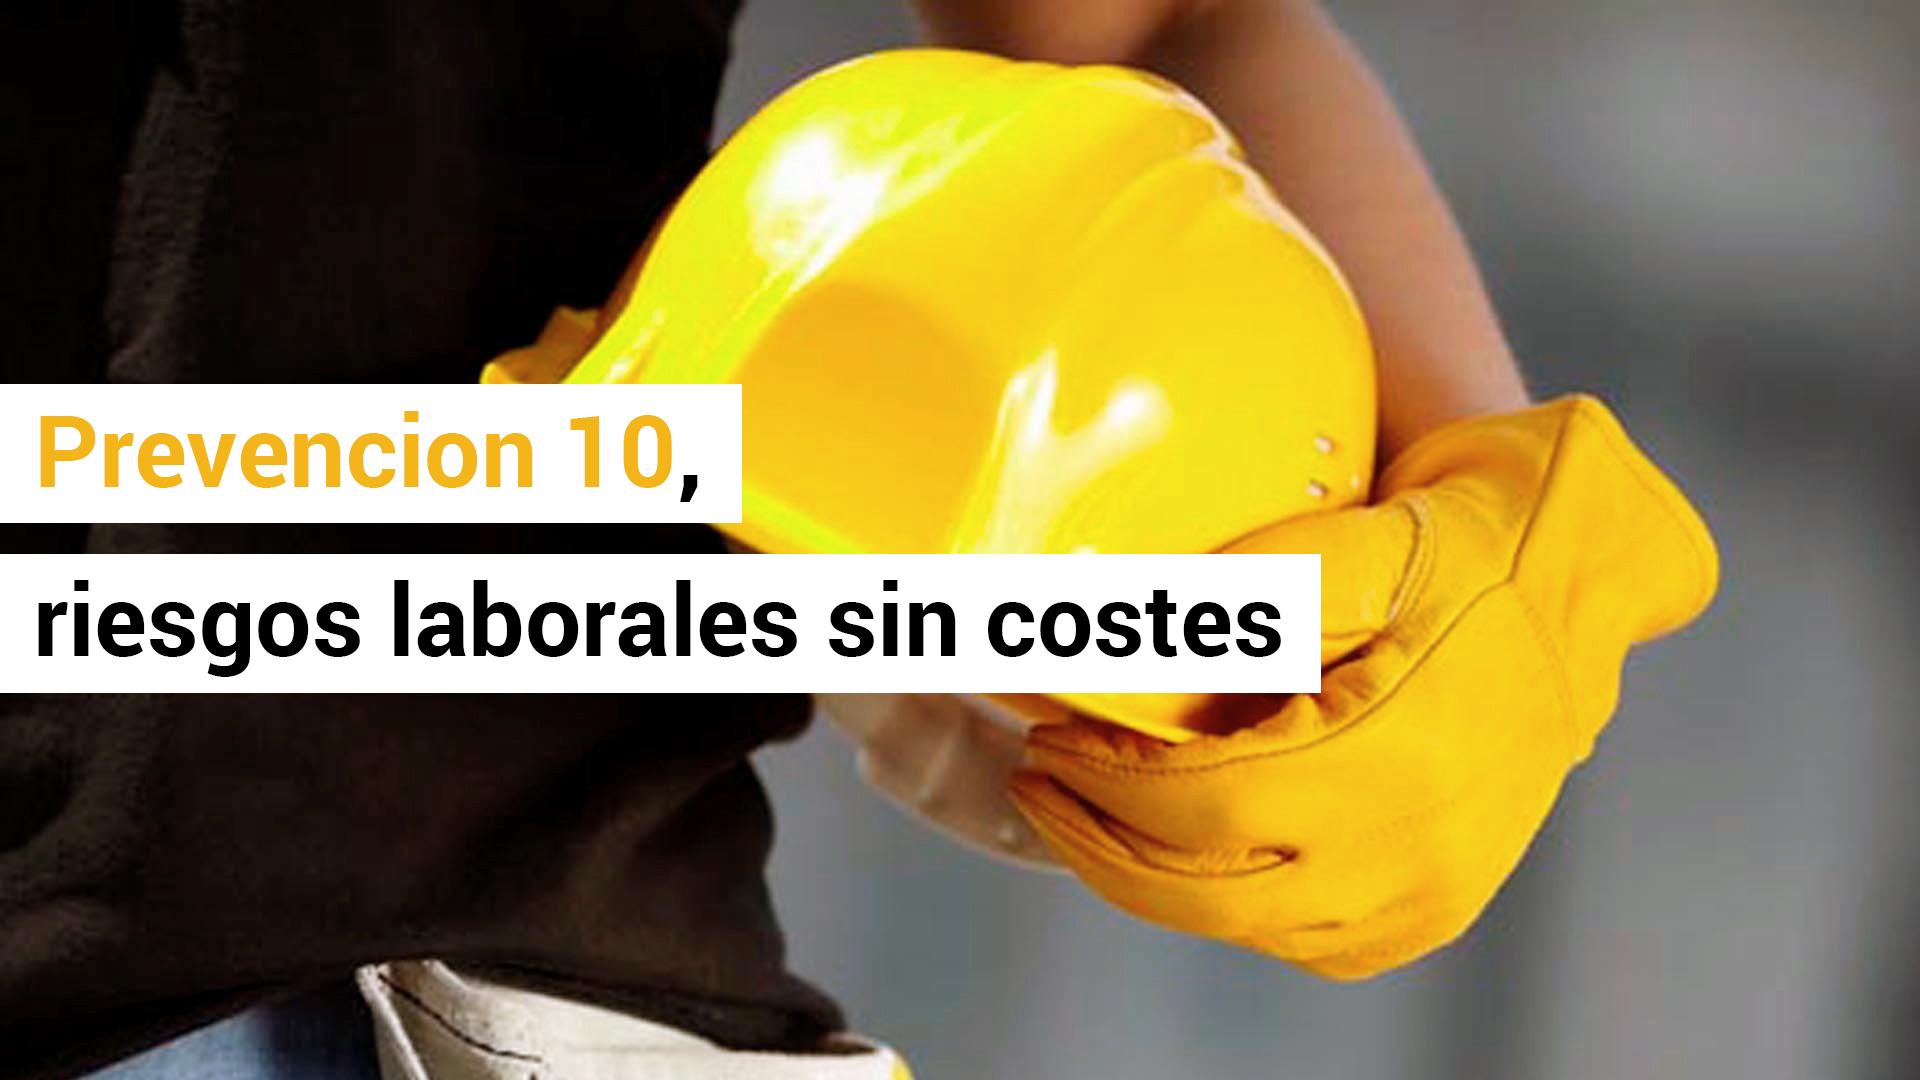 Prevención 10, la prevención de riesgos laborales gratuita